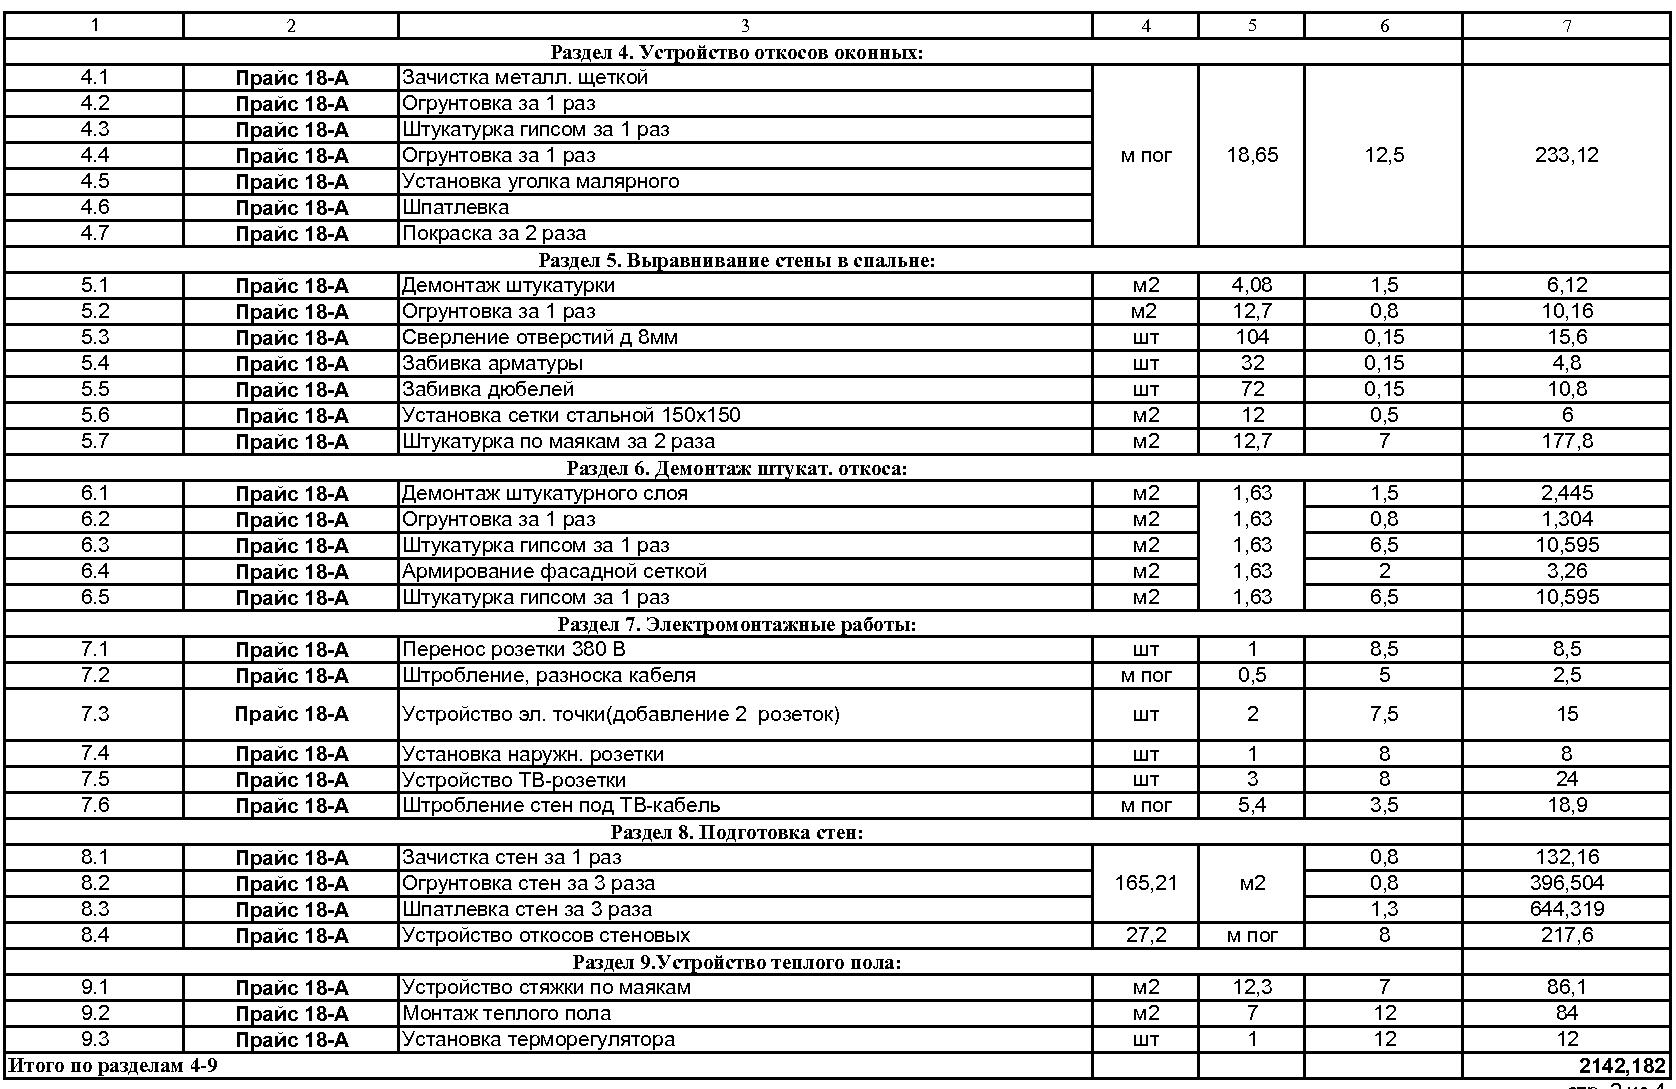 Цены на электромонтажные работы 2016 краснодар